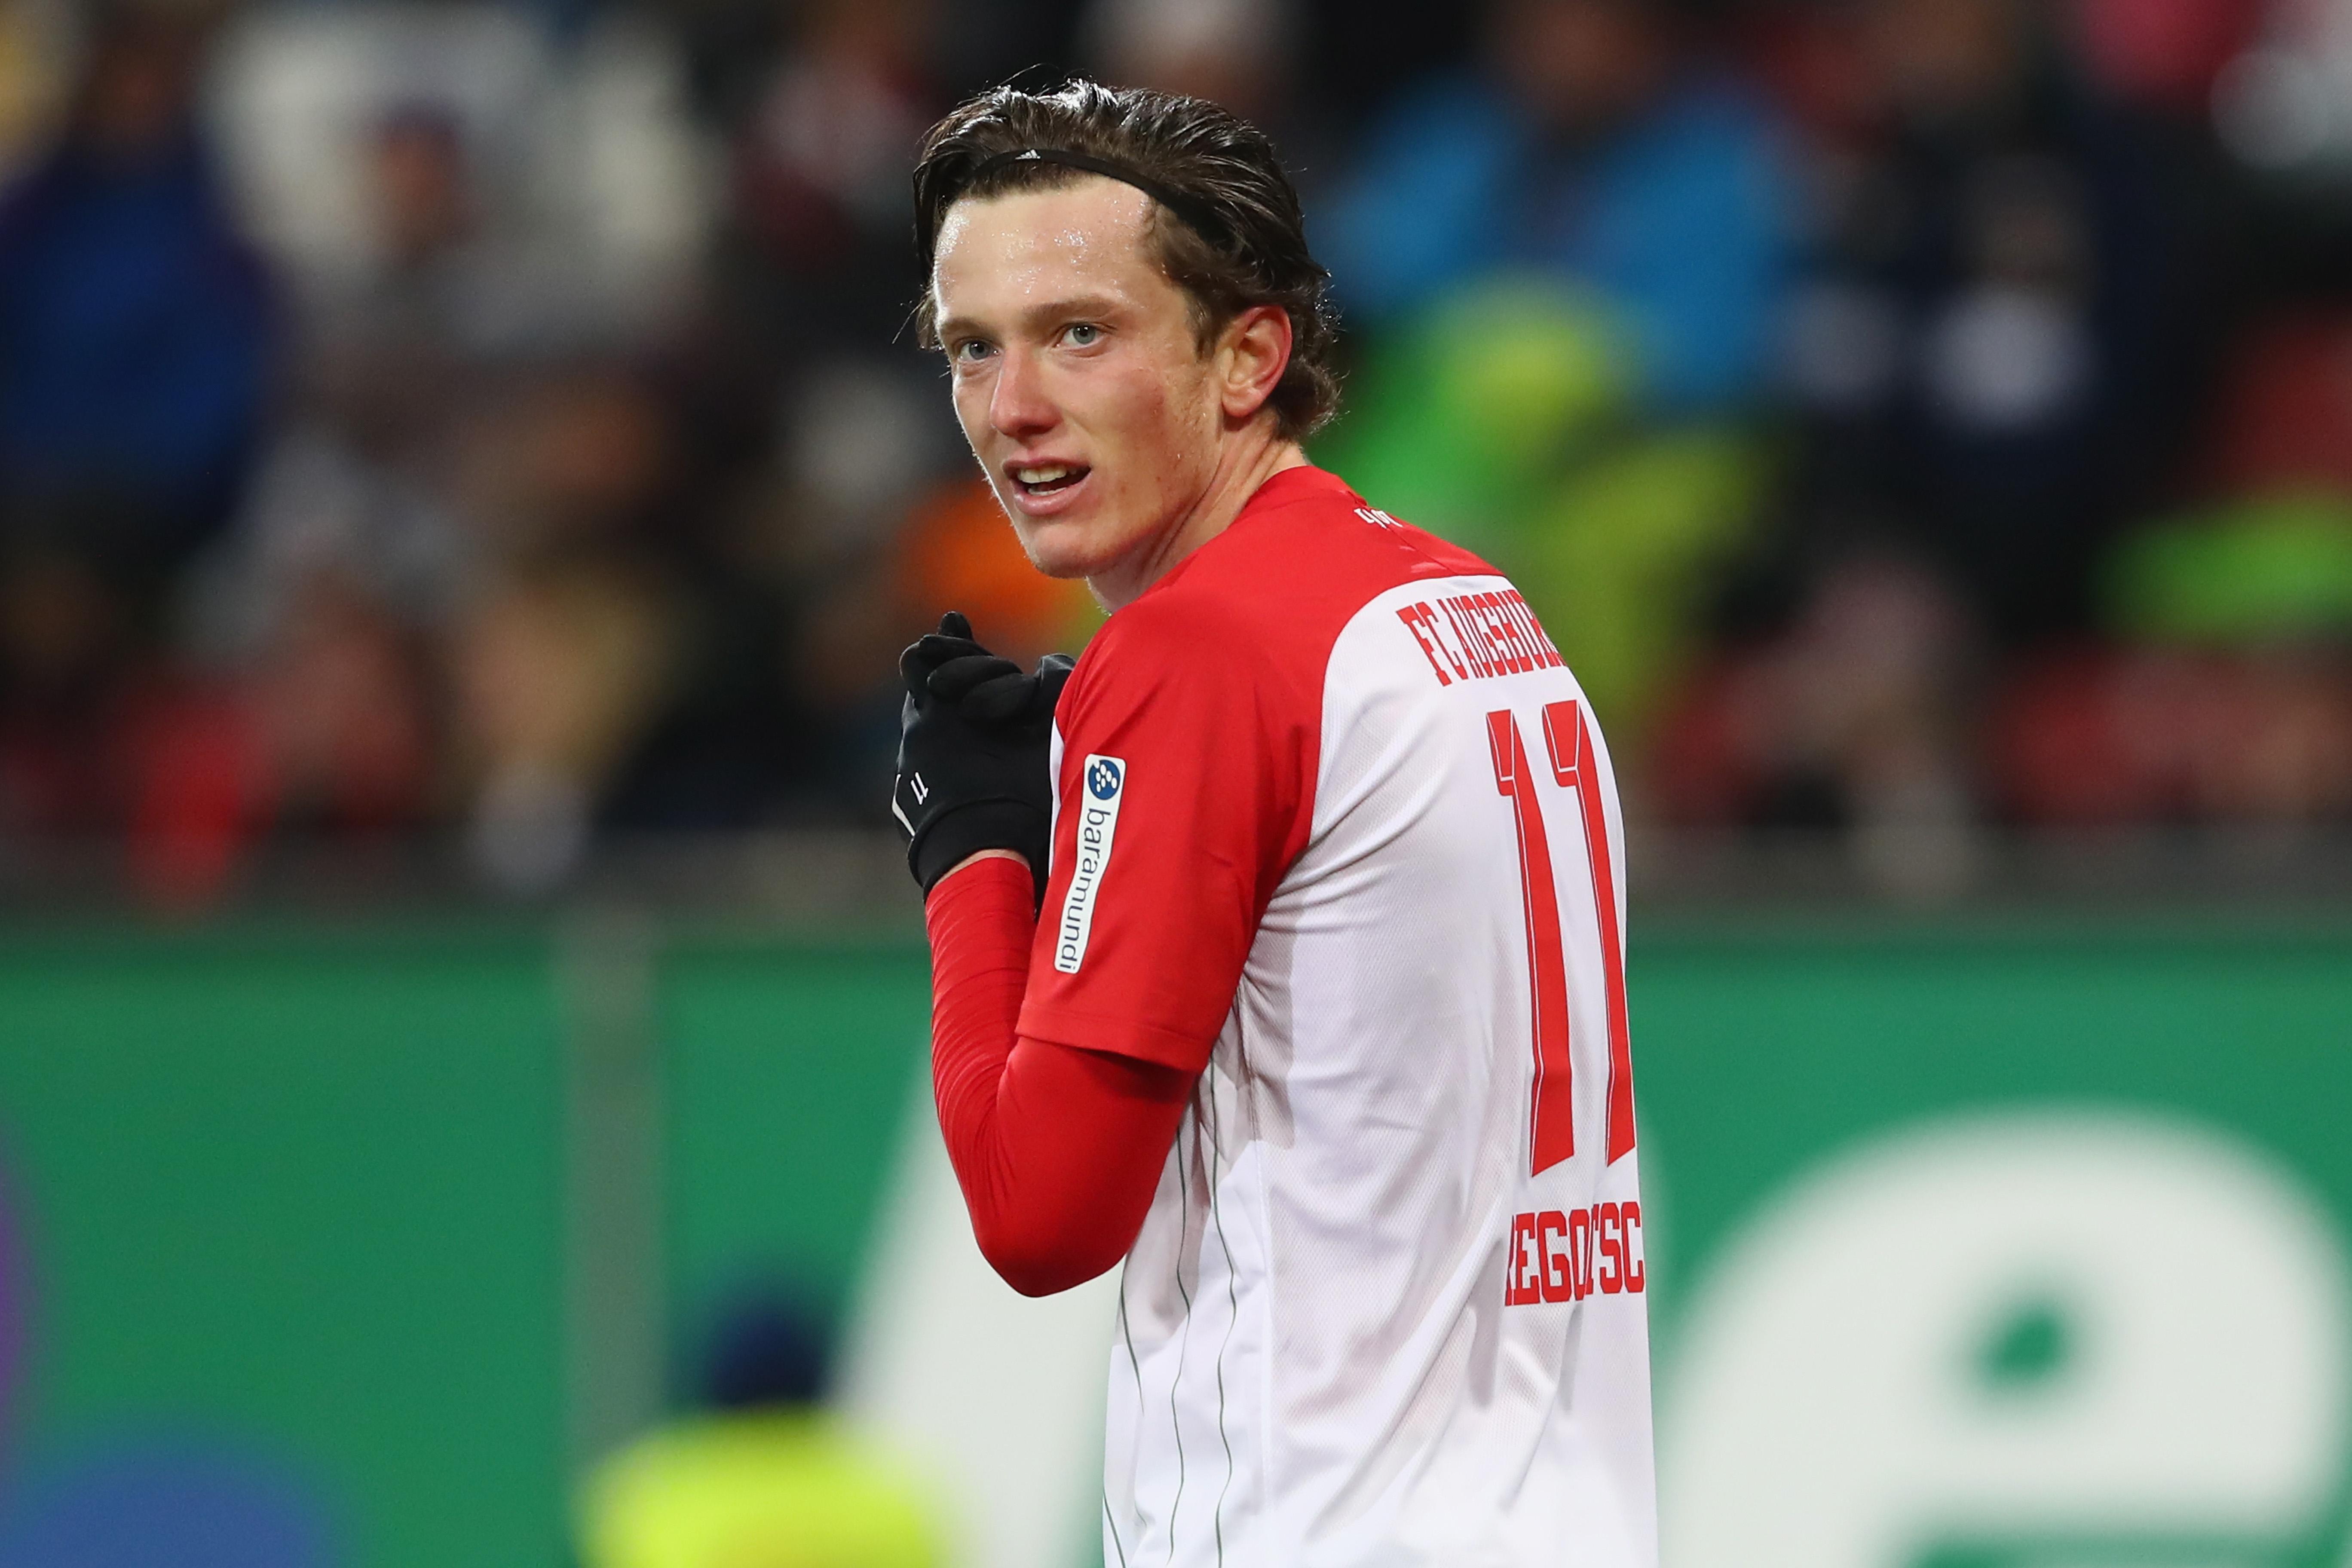 www.lattenkreuz.de/wp-content/uploads/FC-Augsburg-v-Hertha-BSC-Bundesliga-12.jpg